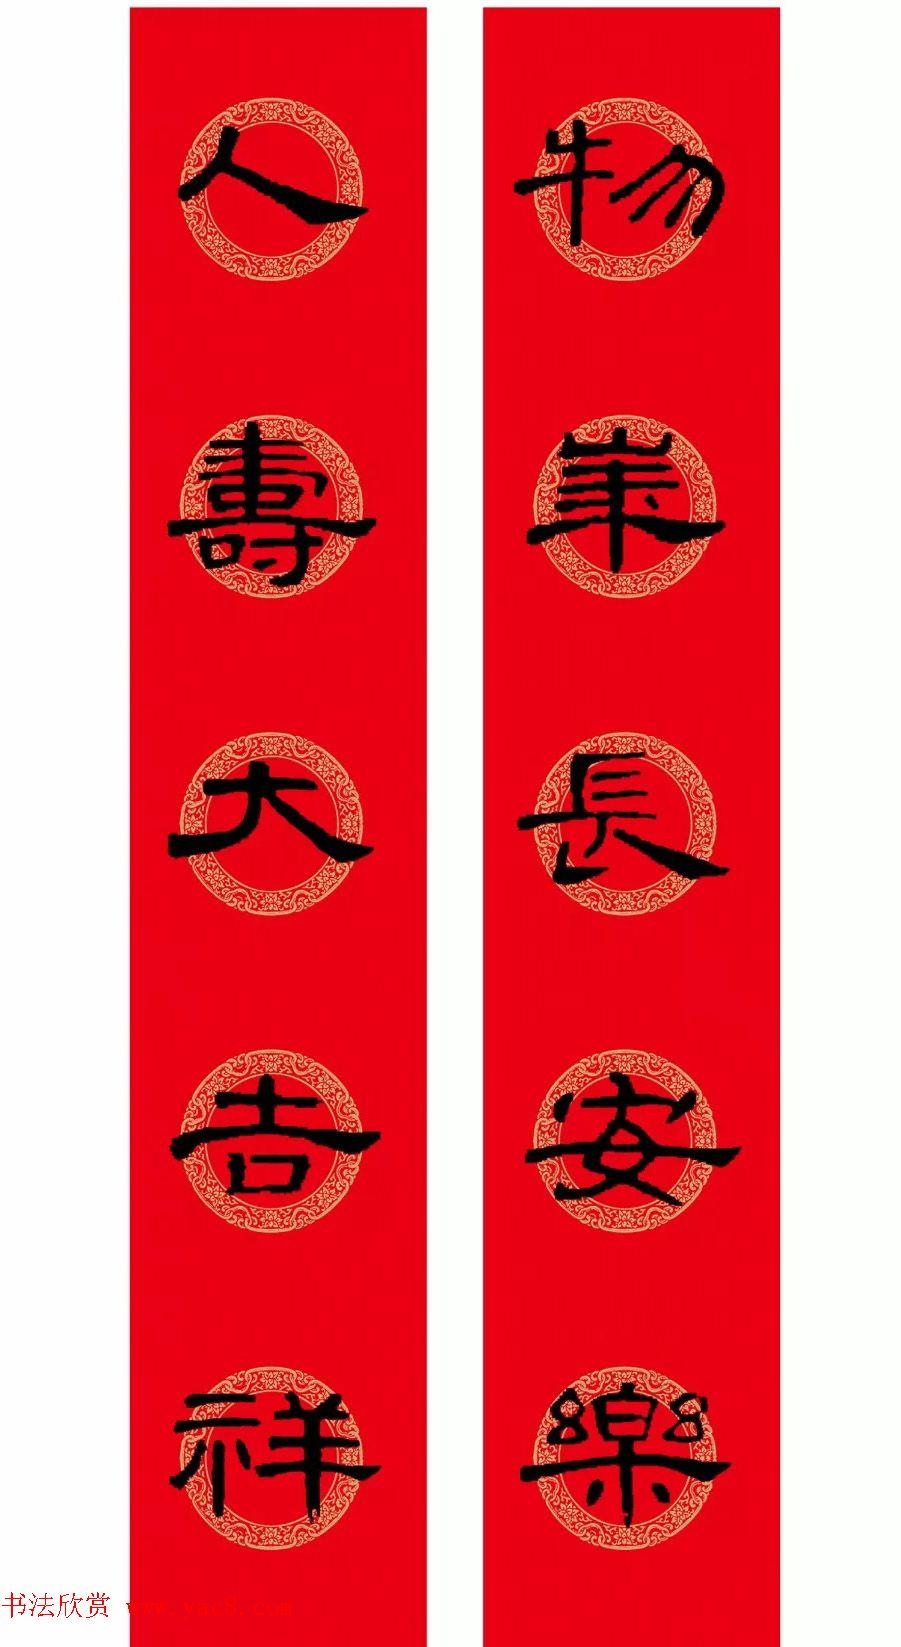 隶书春联:曹全碑集字春节对联